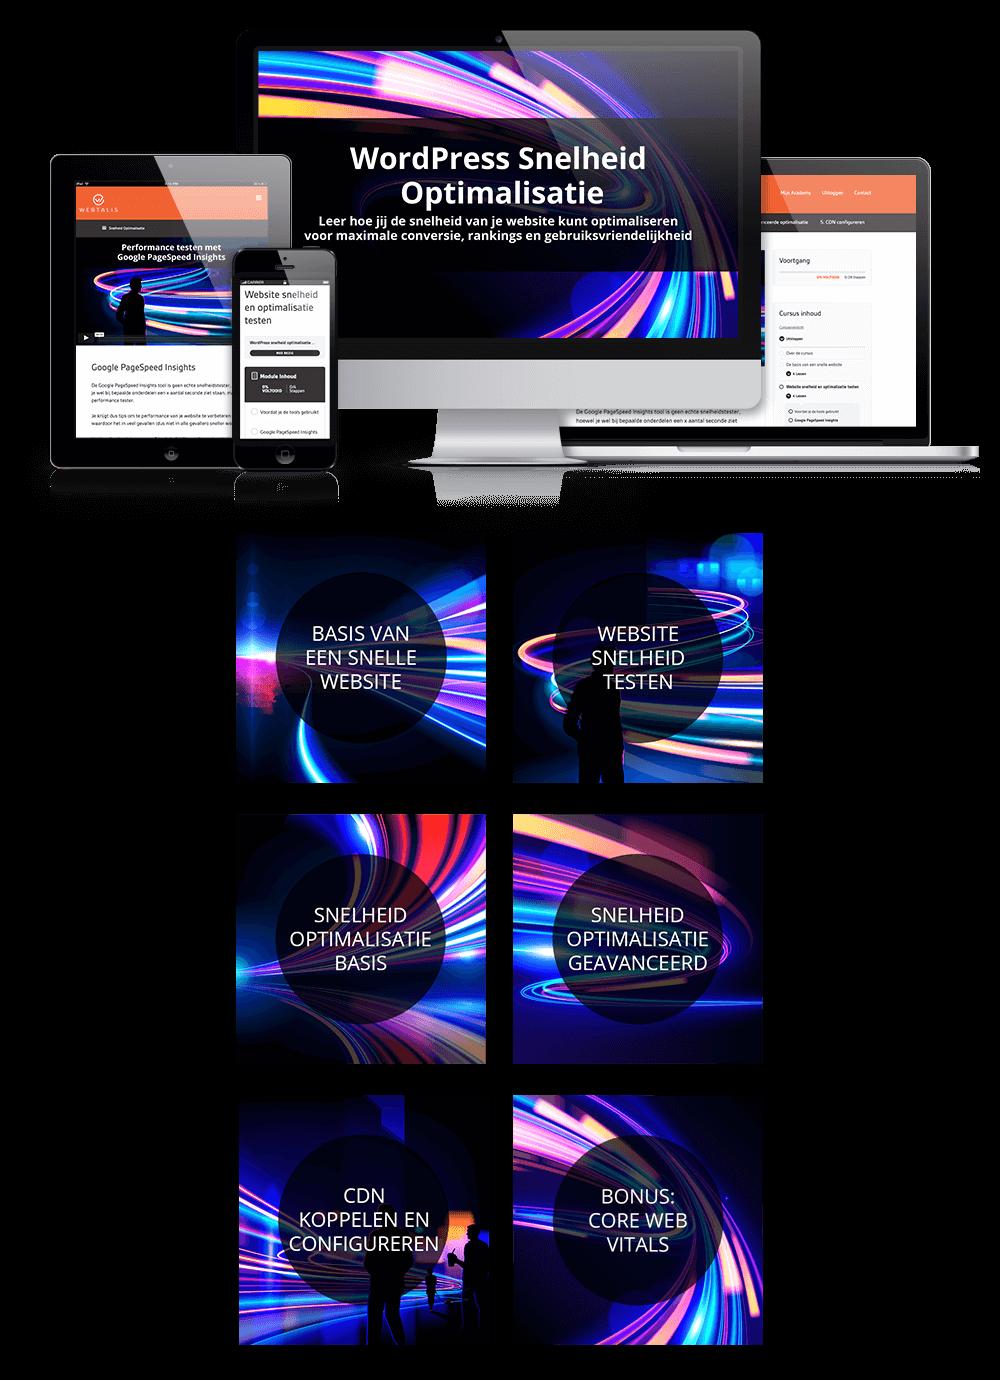 Website Snelheid Optimalisatie mock-up